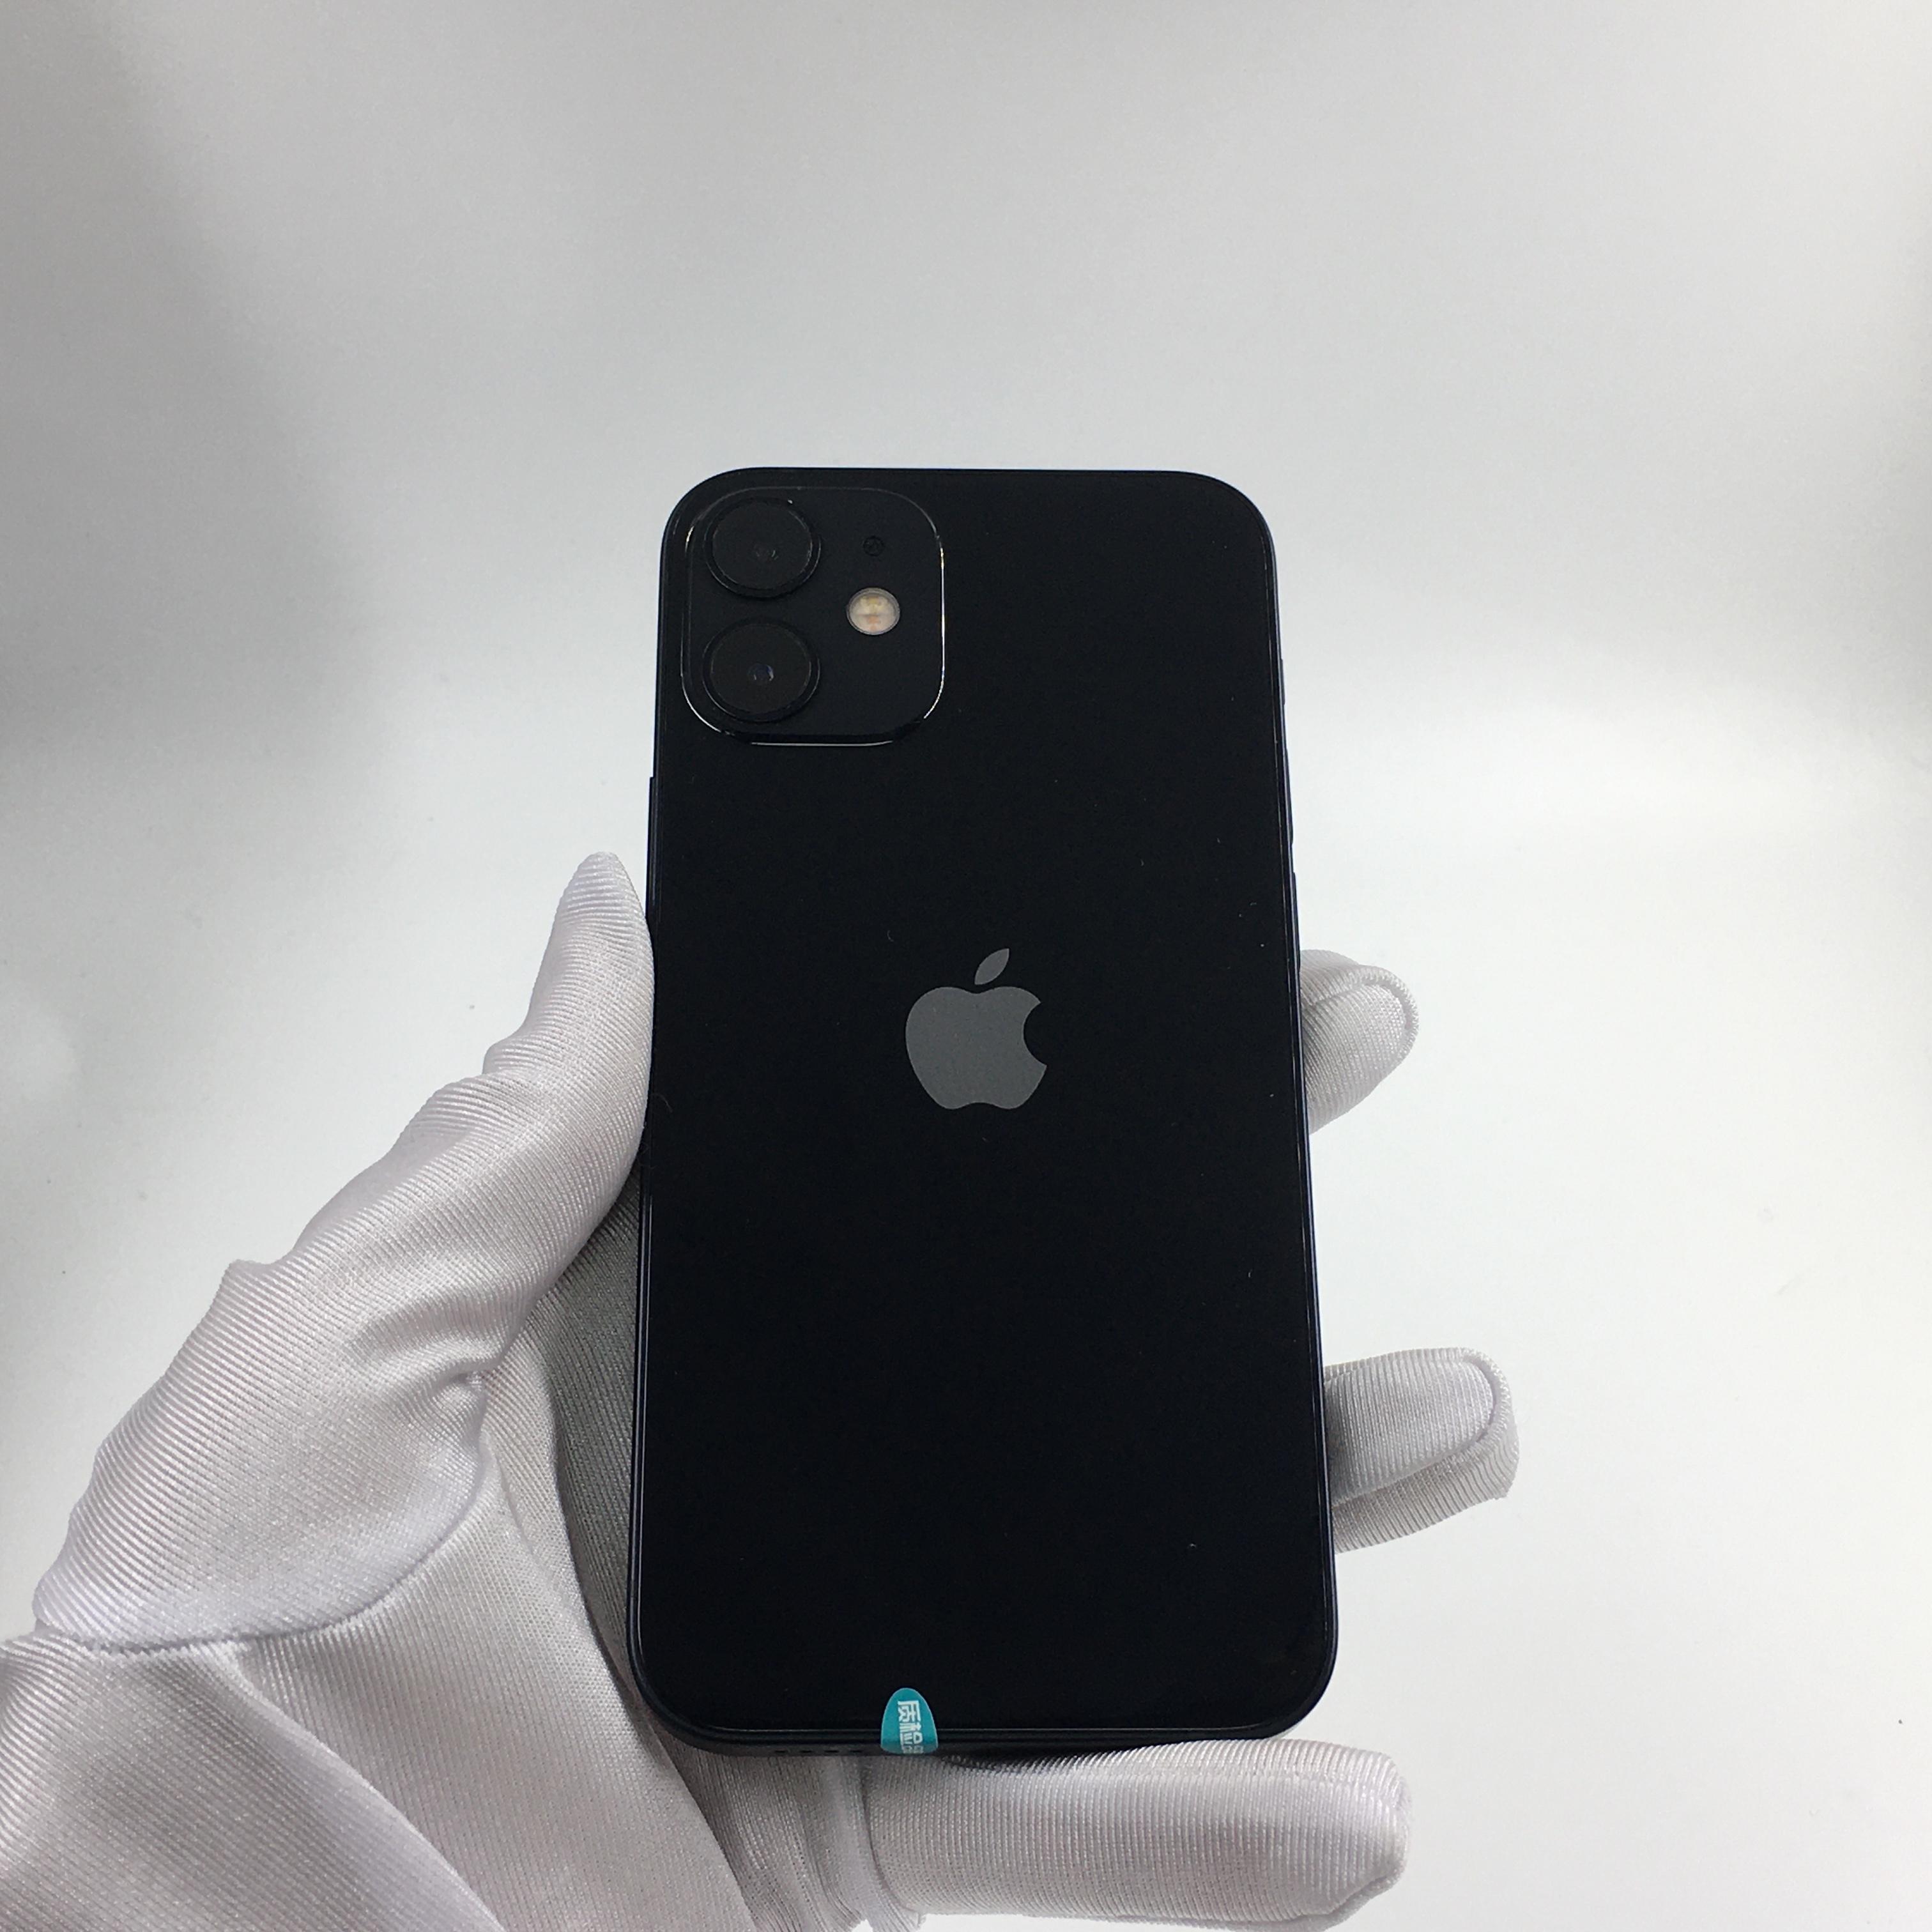 苹果【iPhone 12 mini】5G全网通 黑色 128G 国行 95新 128G真机实拍